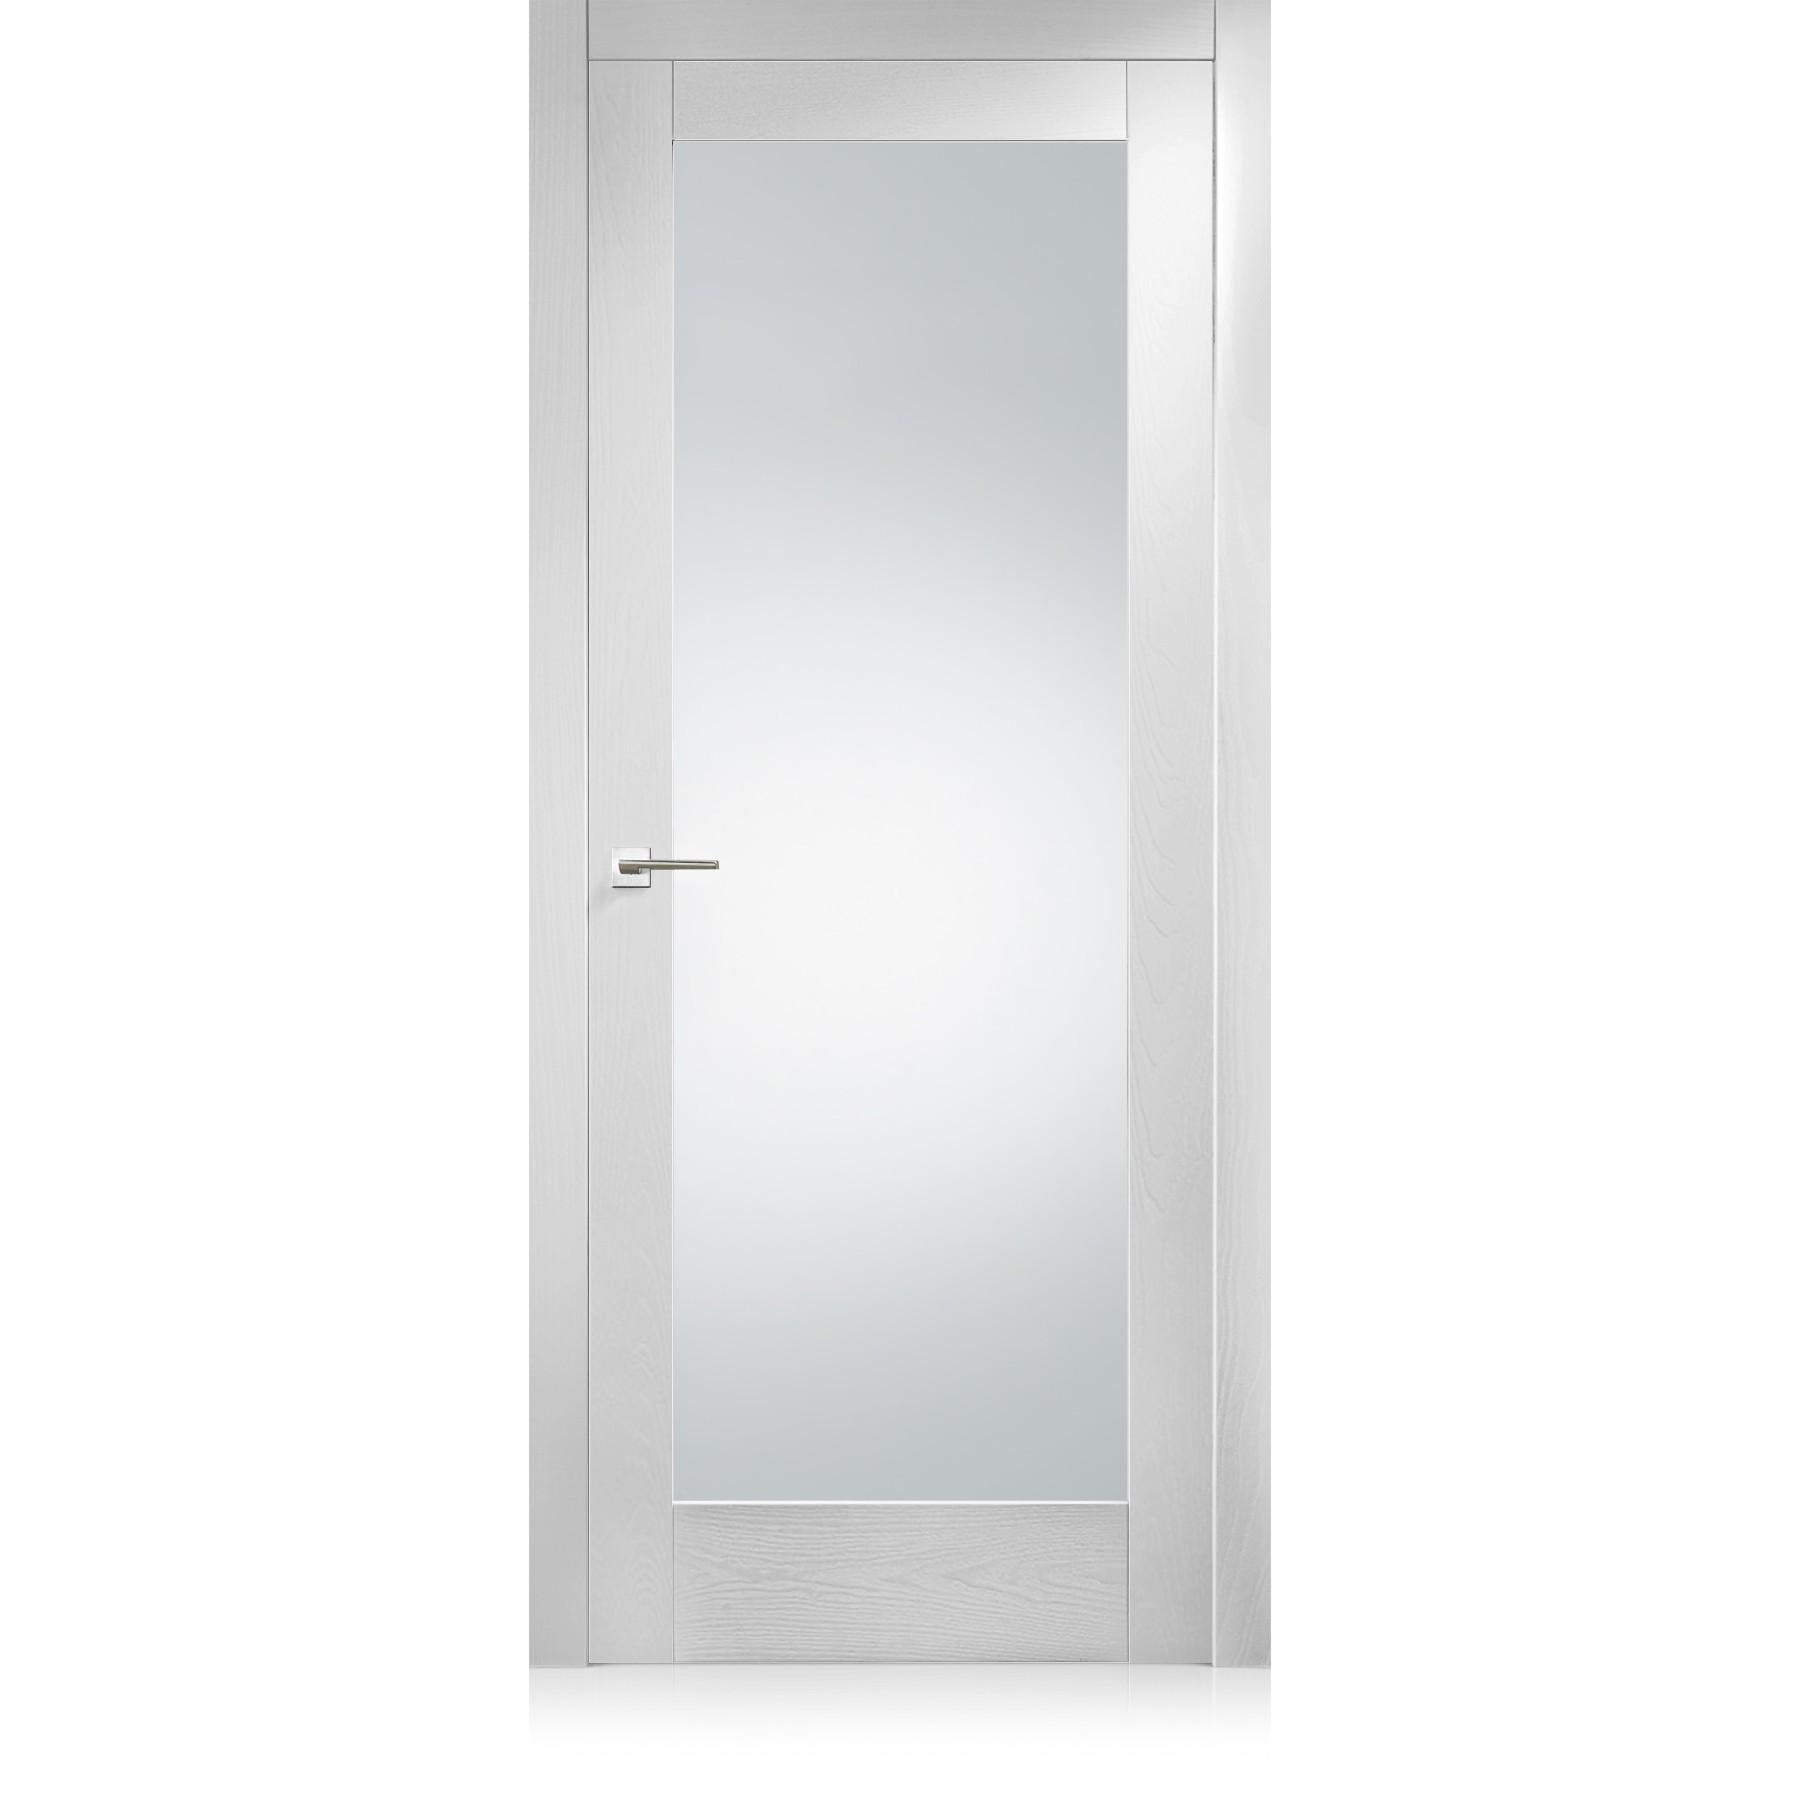 Suite / 21 Inciso quadrettato glass door